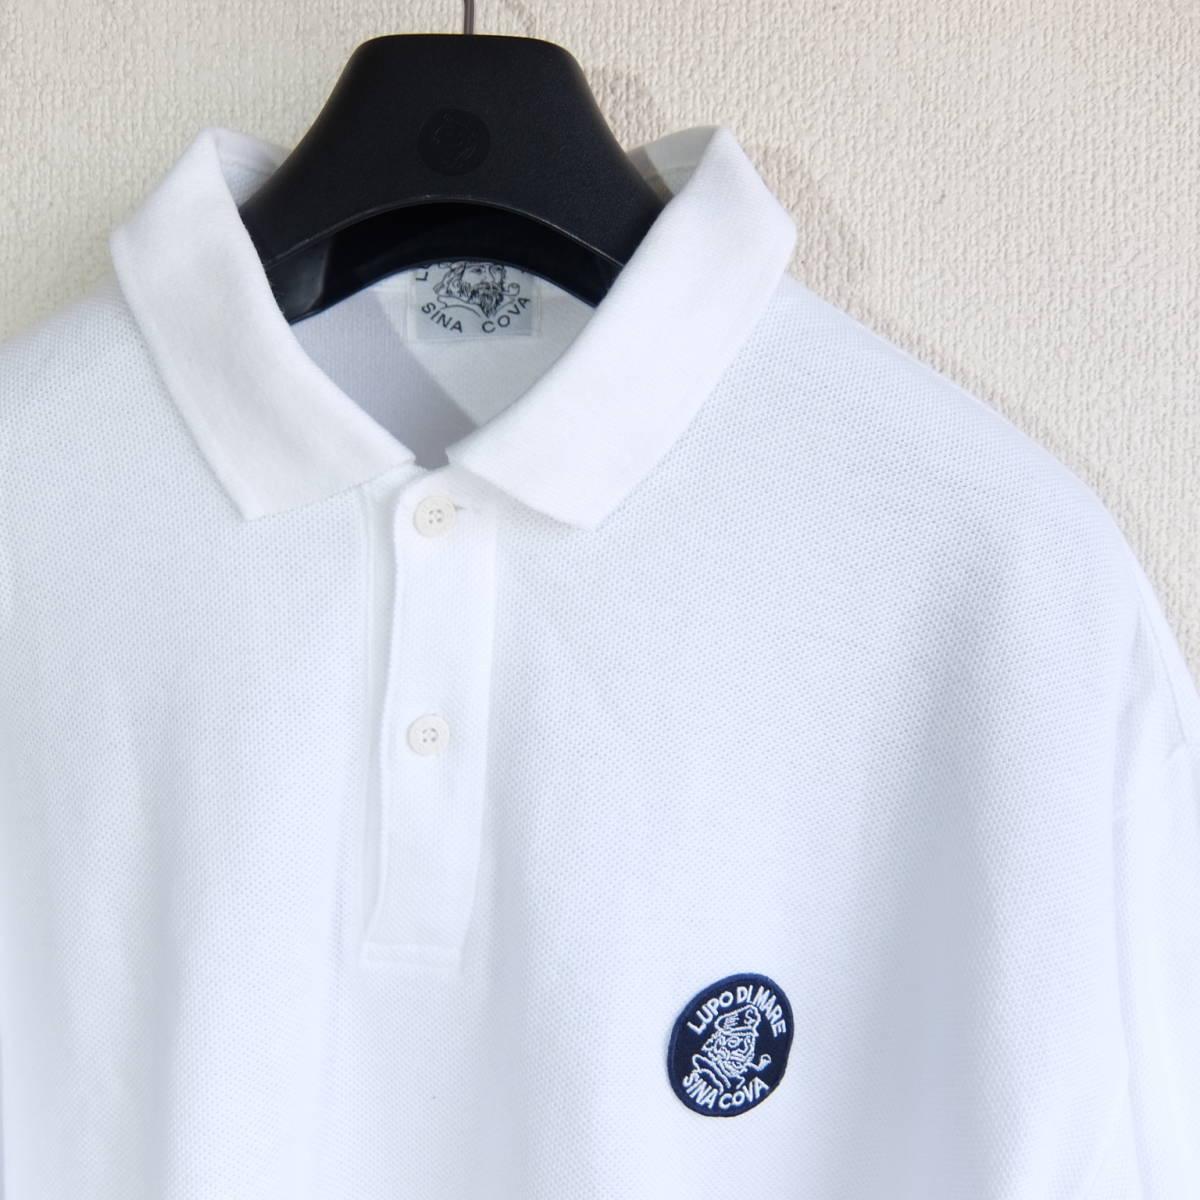 SINA COVA シナコバ ワッペン付き 長袖 ポロシャツ ホワイト Lサイズ